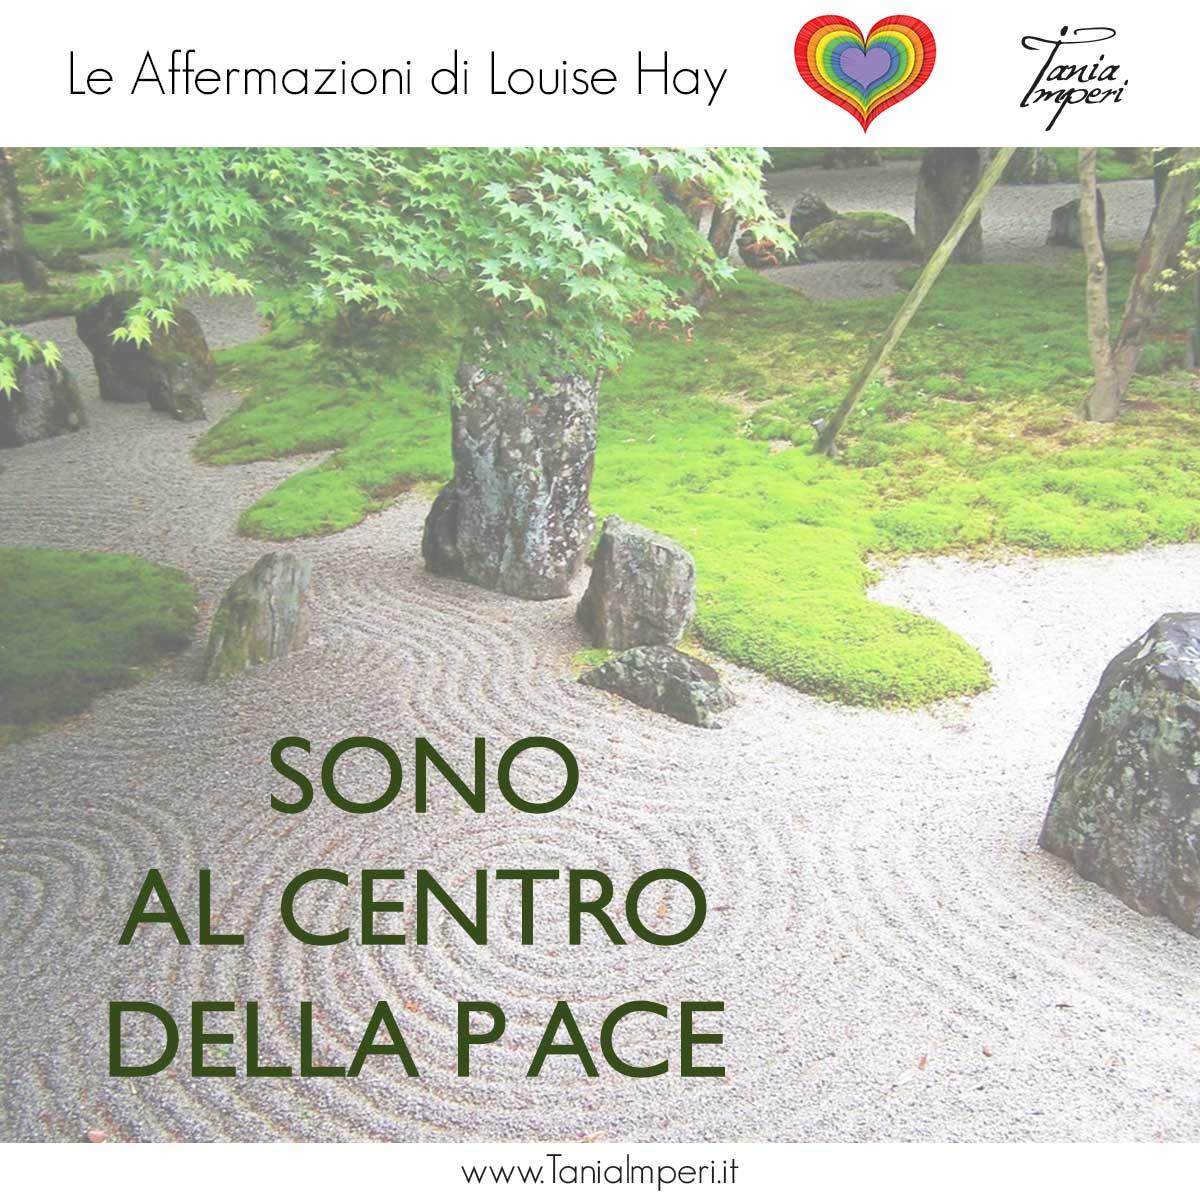 AFFERMAZIONI_LOUISE_HAY_TANIA_IMPERI_14_CENTRO_DELLA-PACE-03APR2017